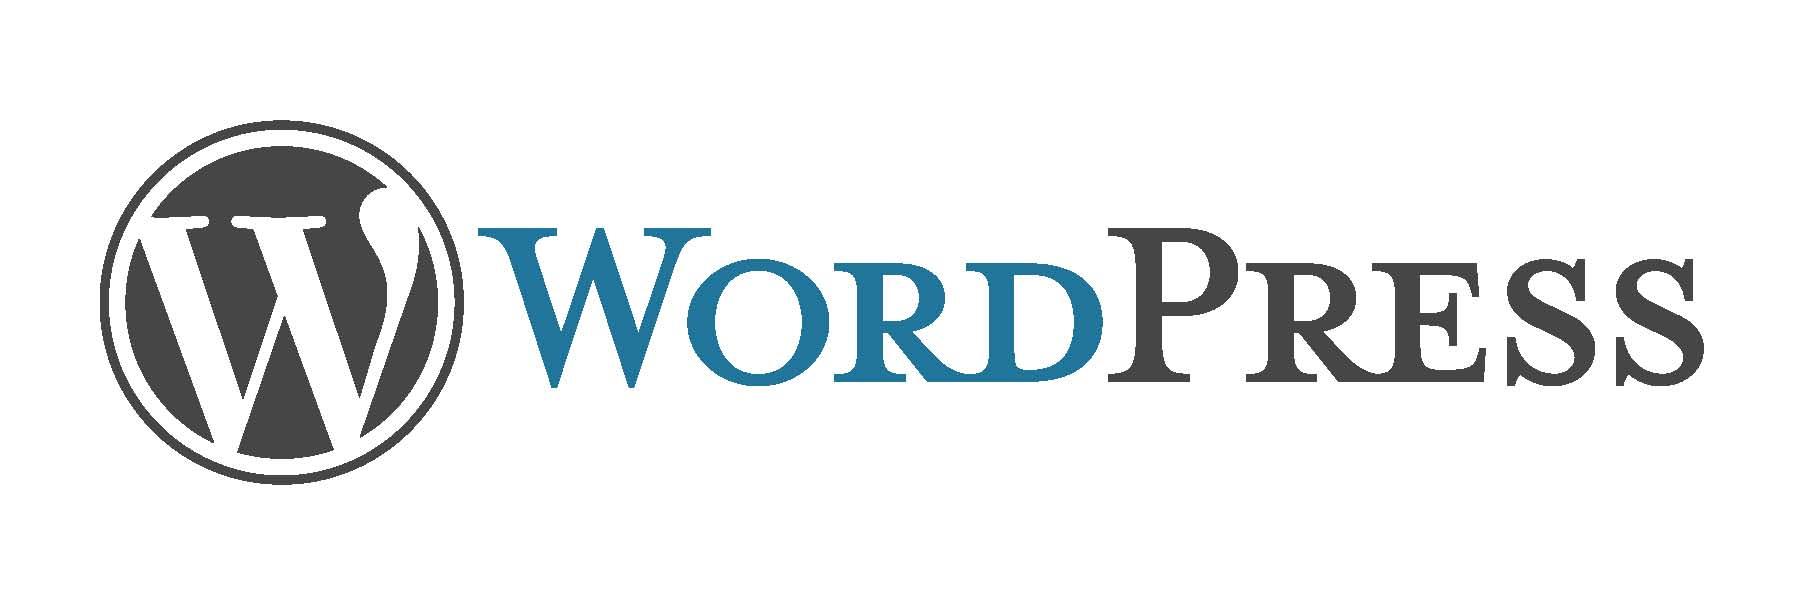 Computerles WordPress met Blijfleren in Purmerend en omgeving